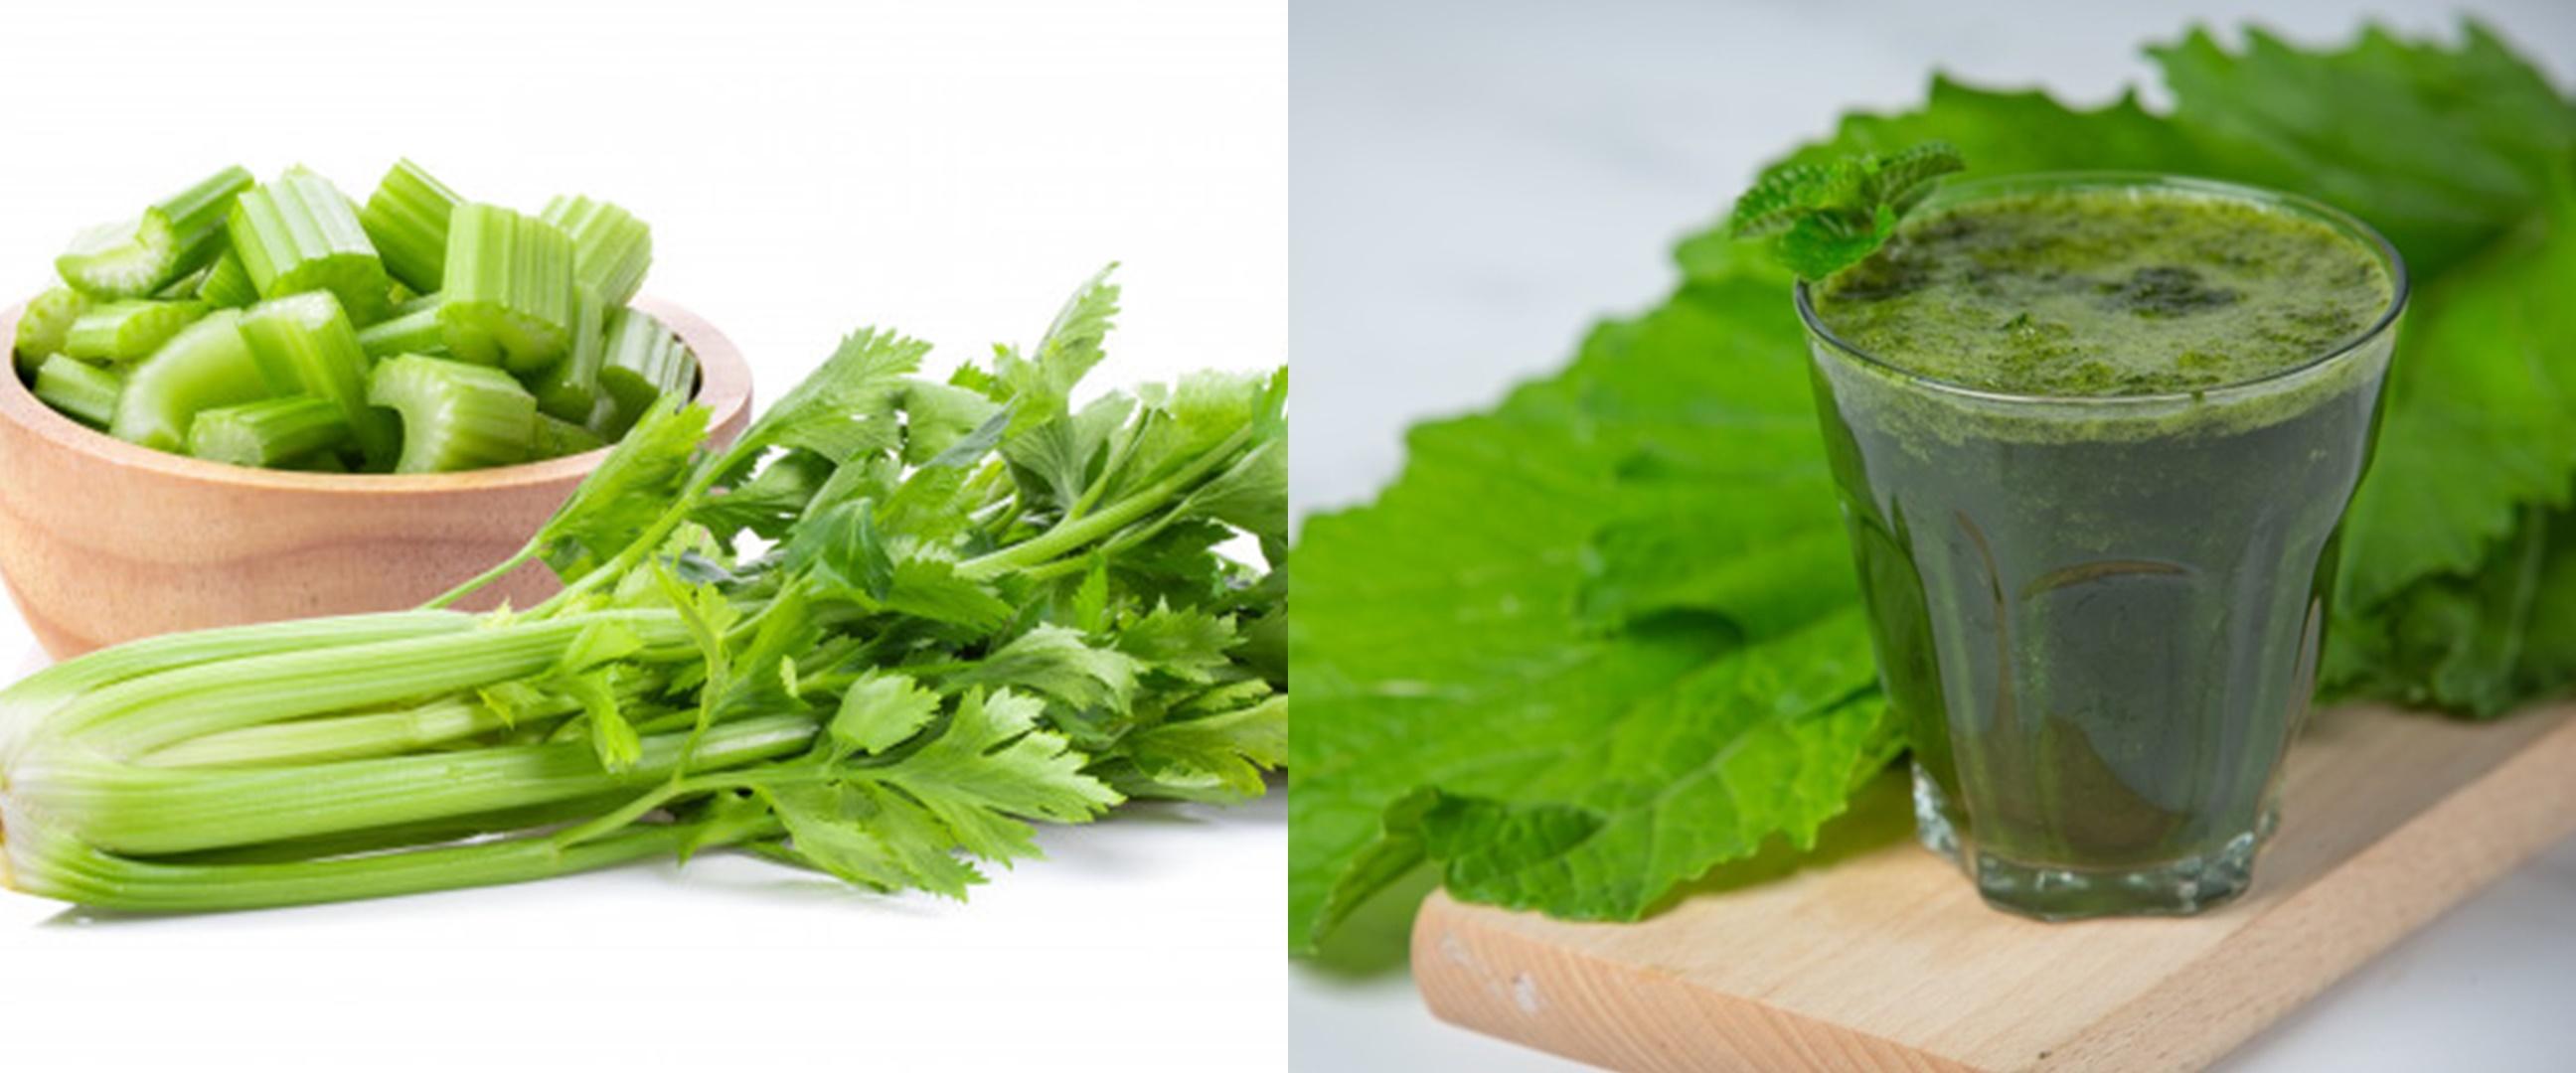 20 Manfaat daun seledri untuk kecantikan & kesehatan, plus cara pakai